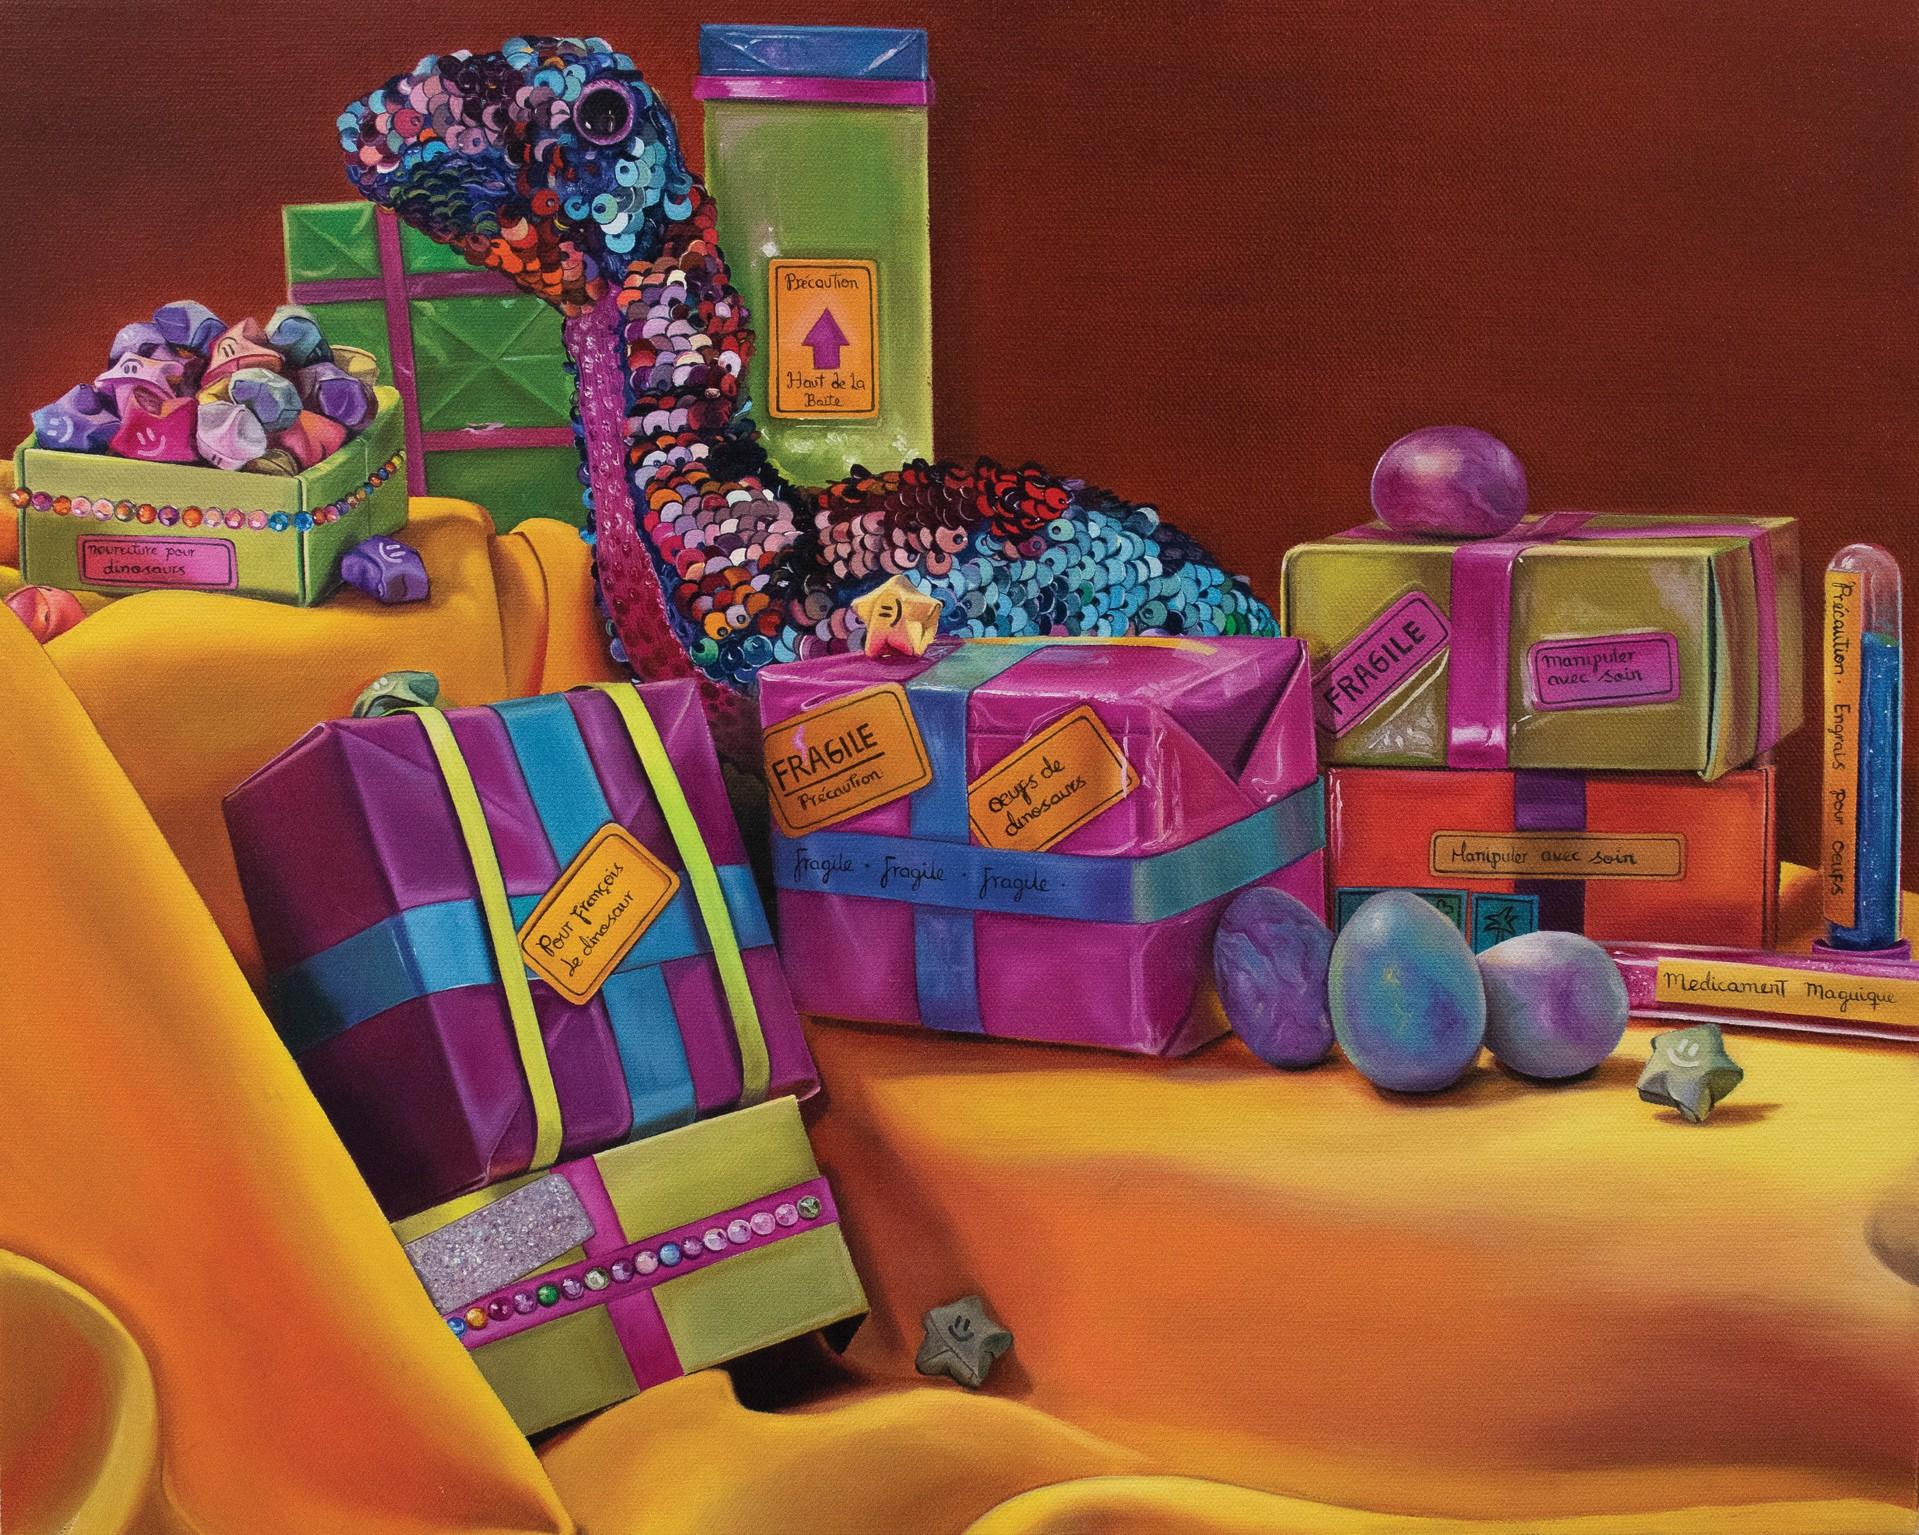 Cadeaux Pourle Dinosaure by Daniela Velez